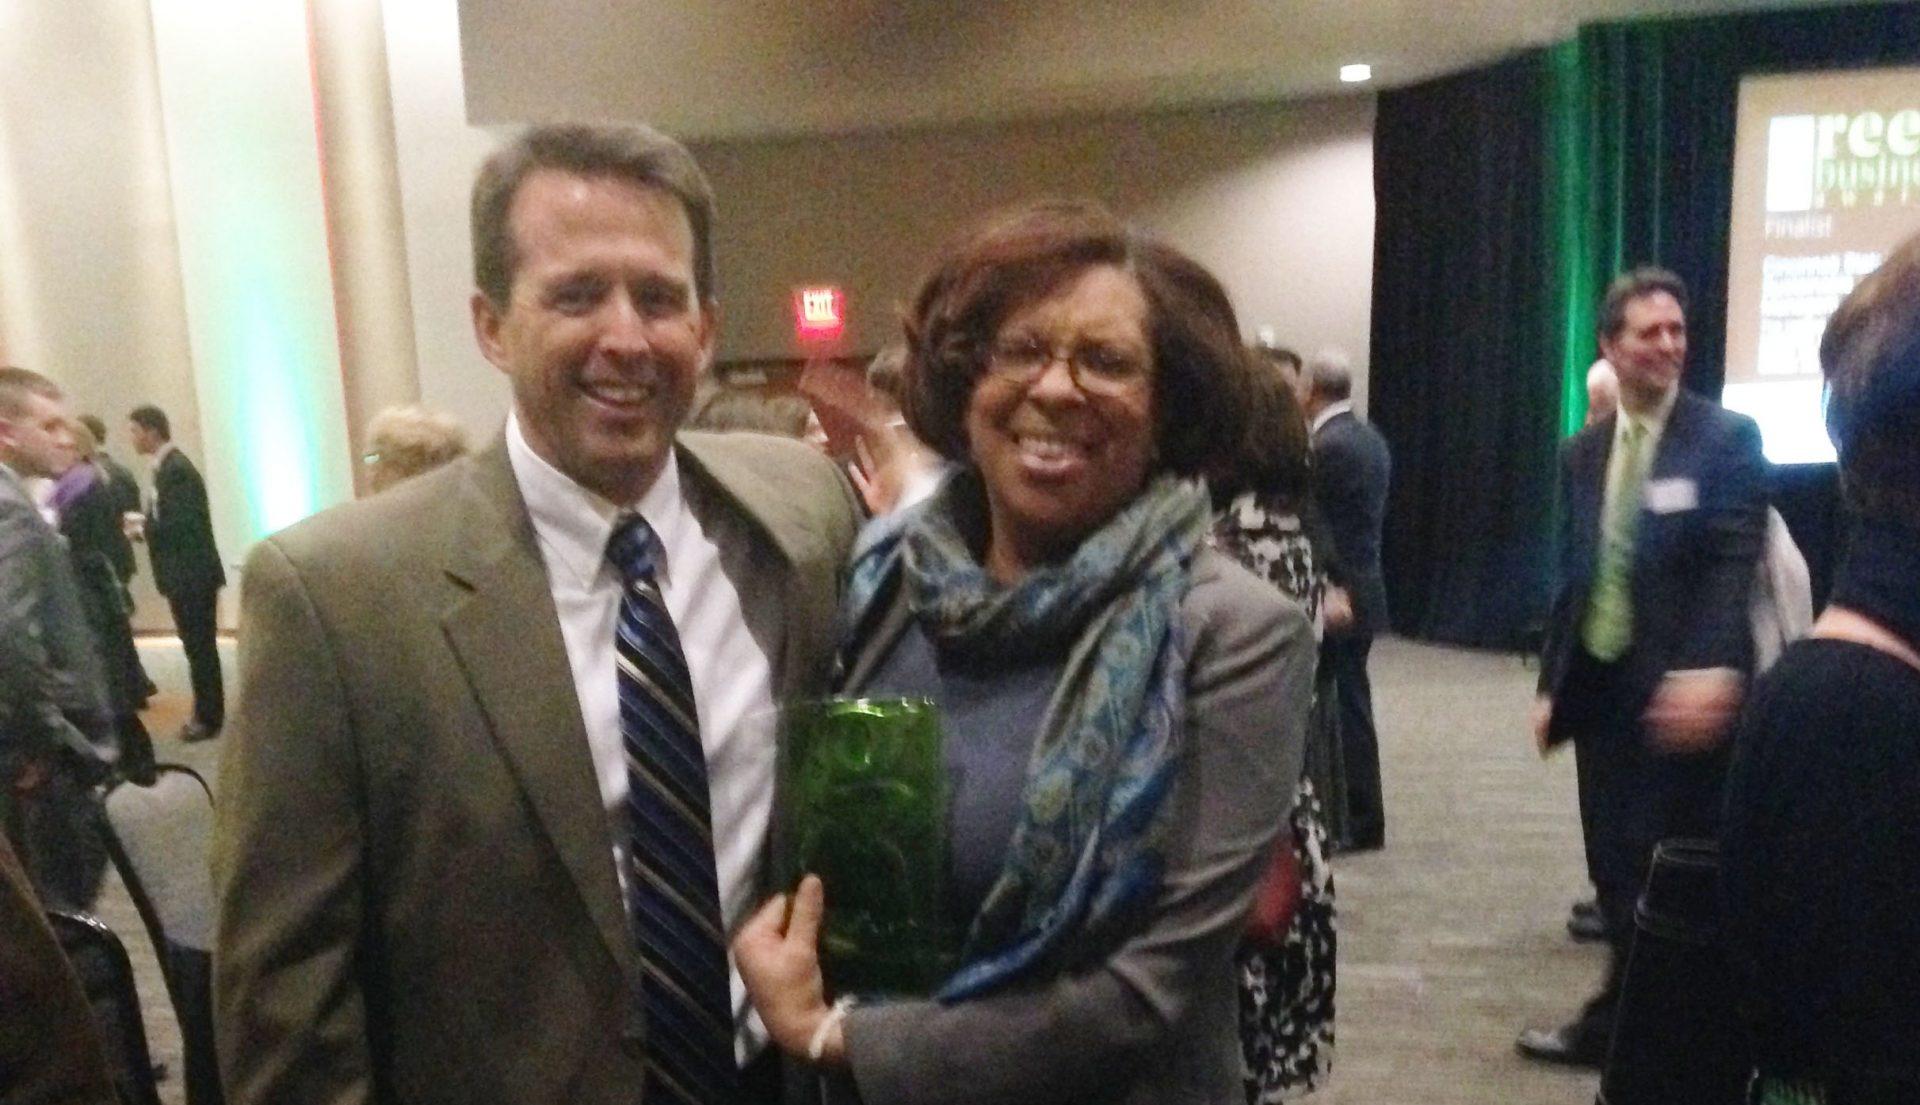 Cincinnati Public Schools SRTS Project Wins Green Advocacy Award